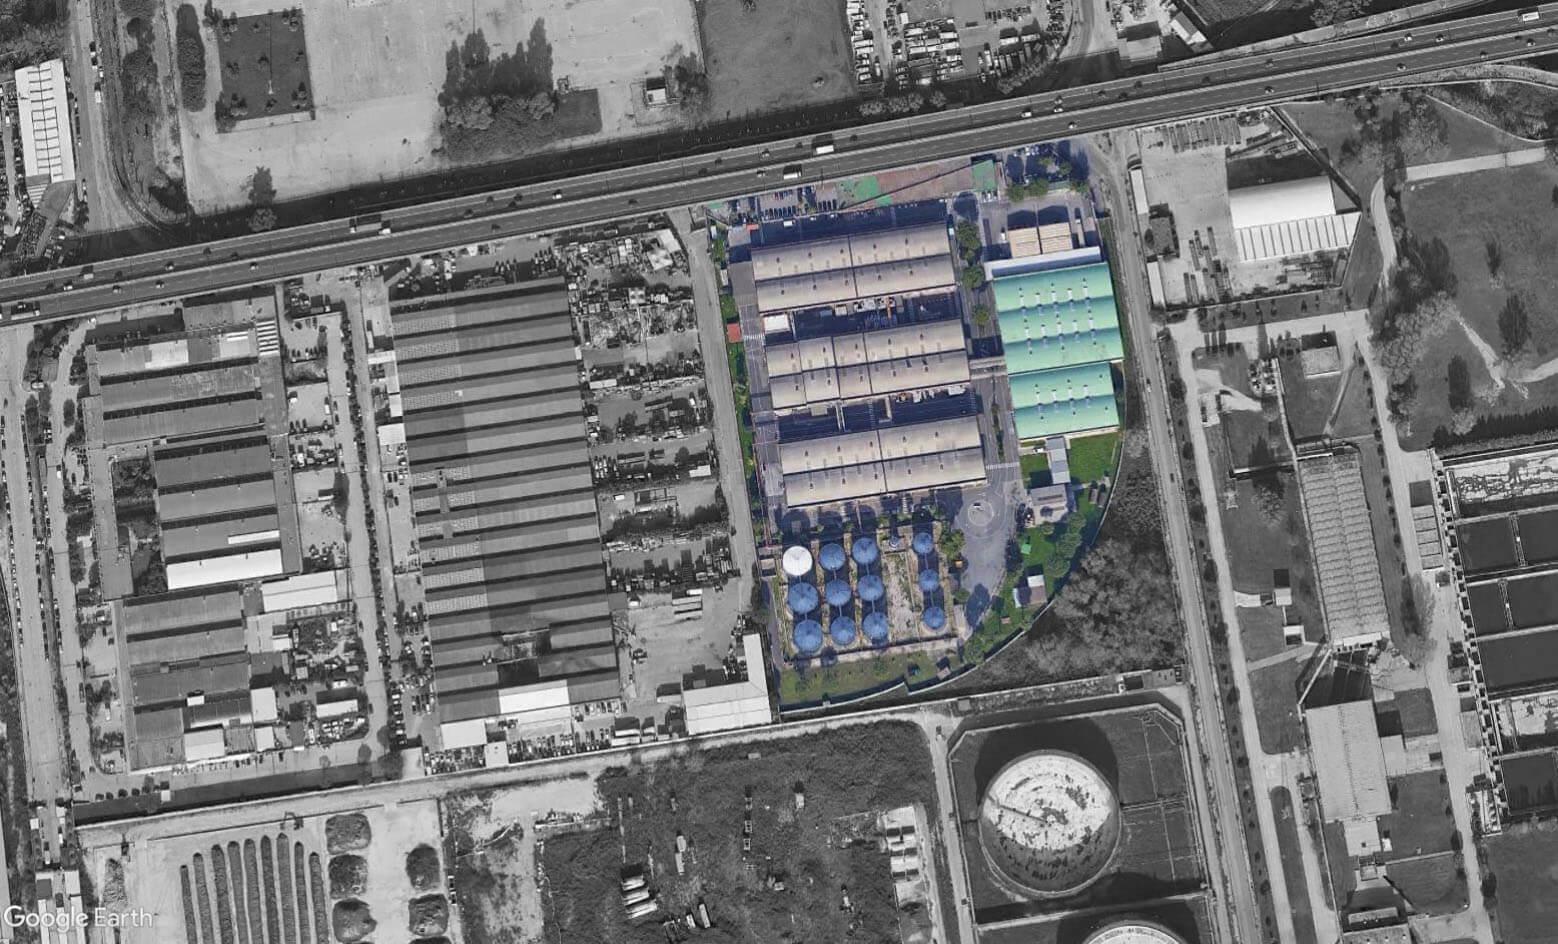 Valutazione della vulnerabilità sismica del complesso industriale Petronas Lubricants Italy Spa, Napoli